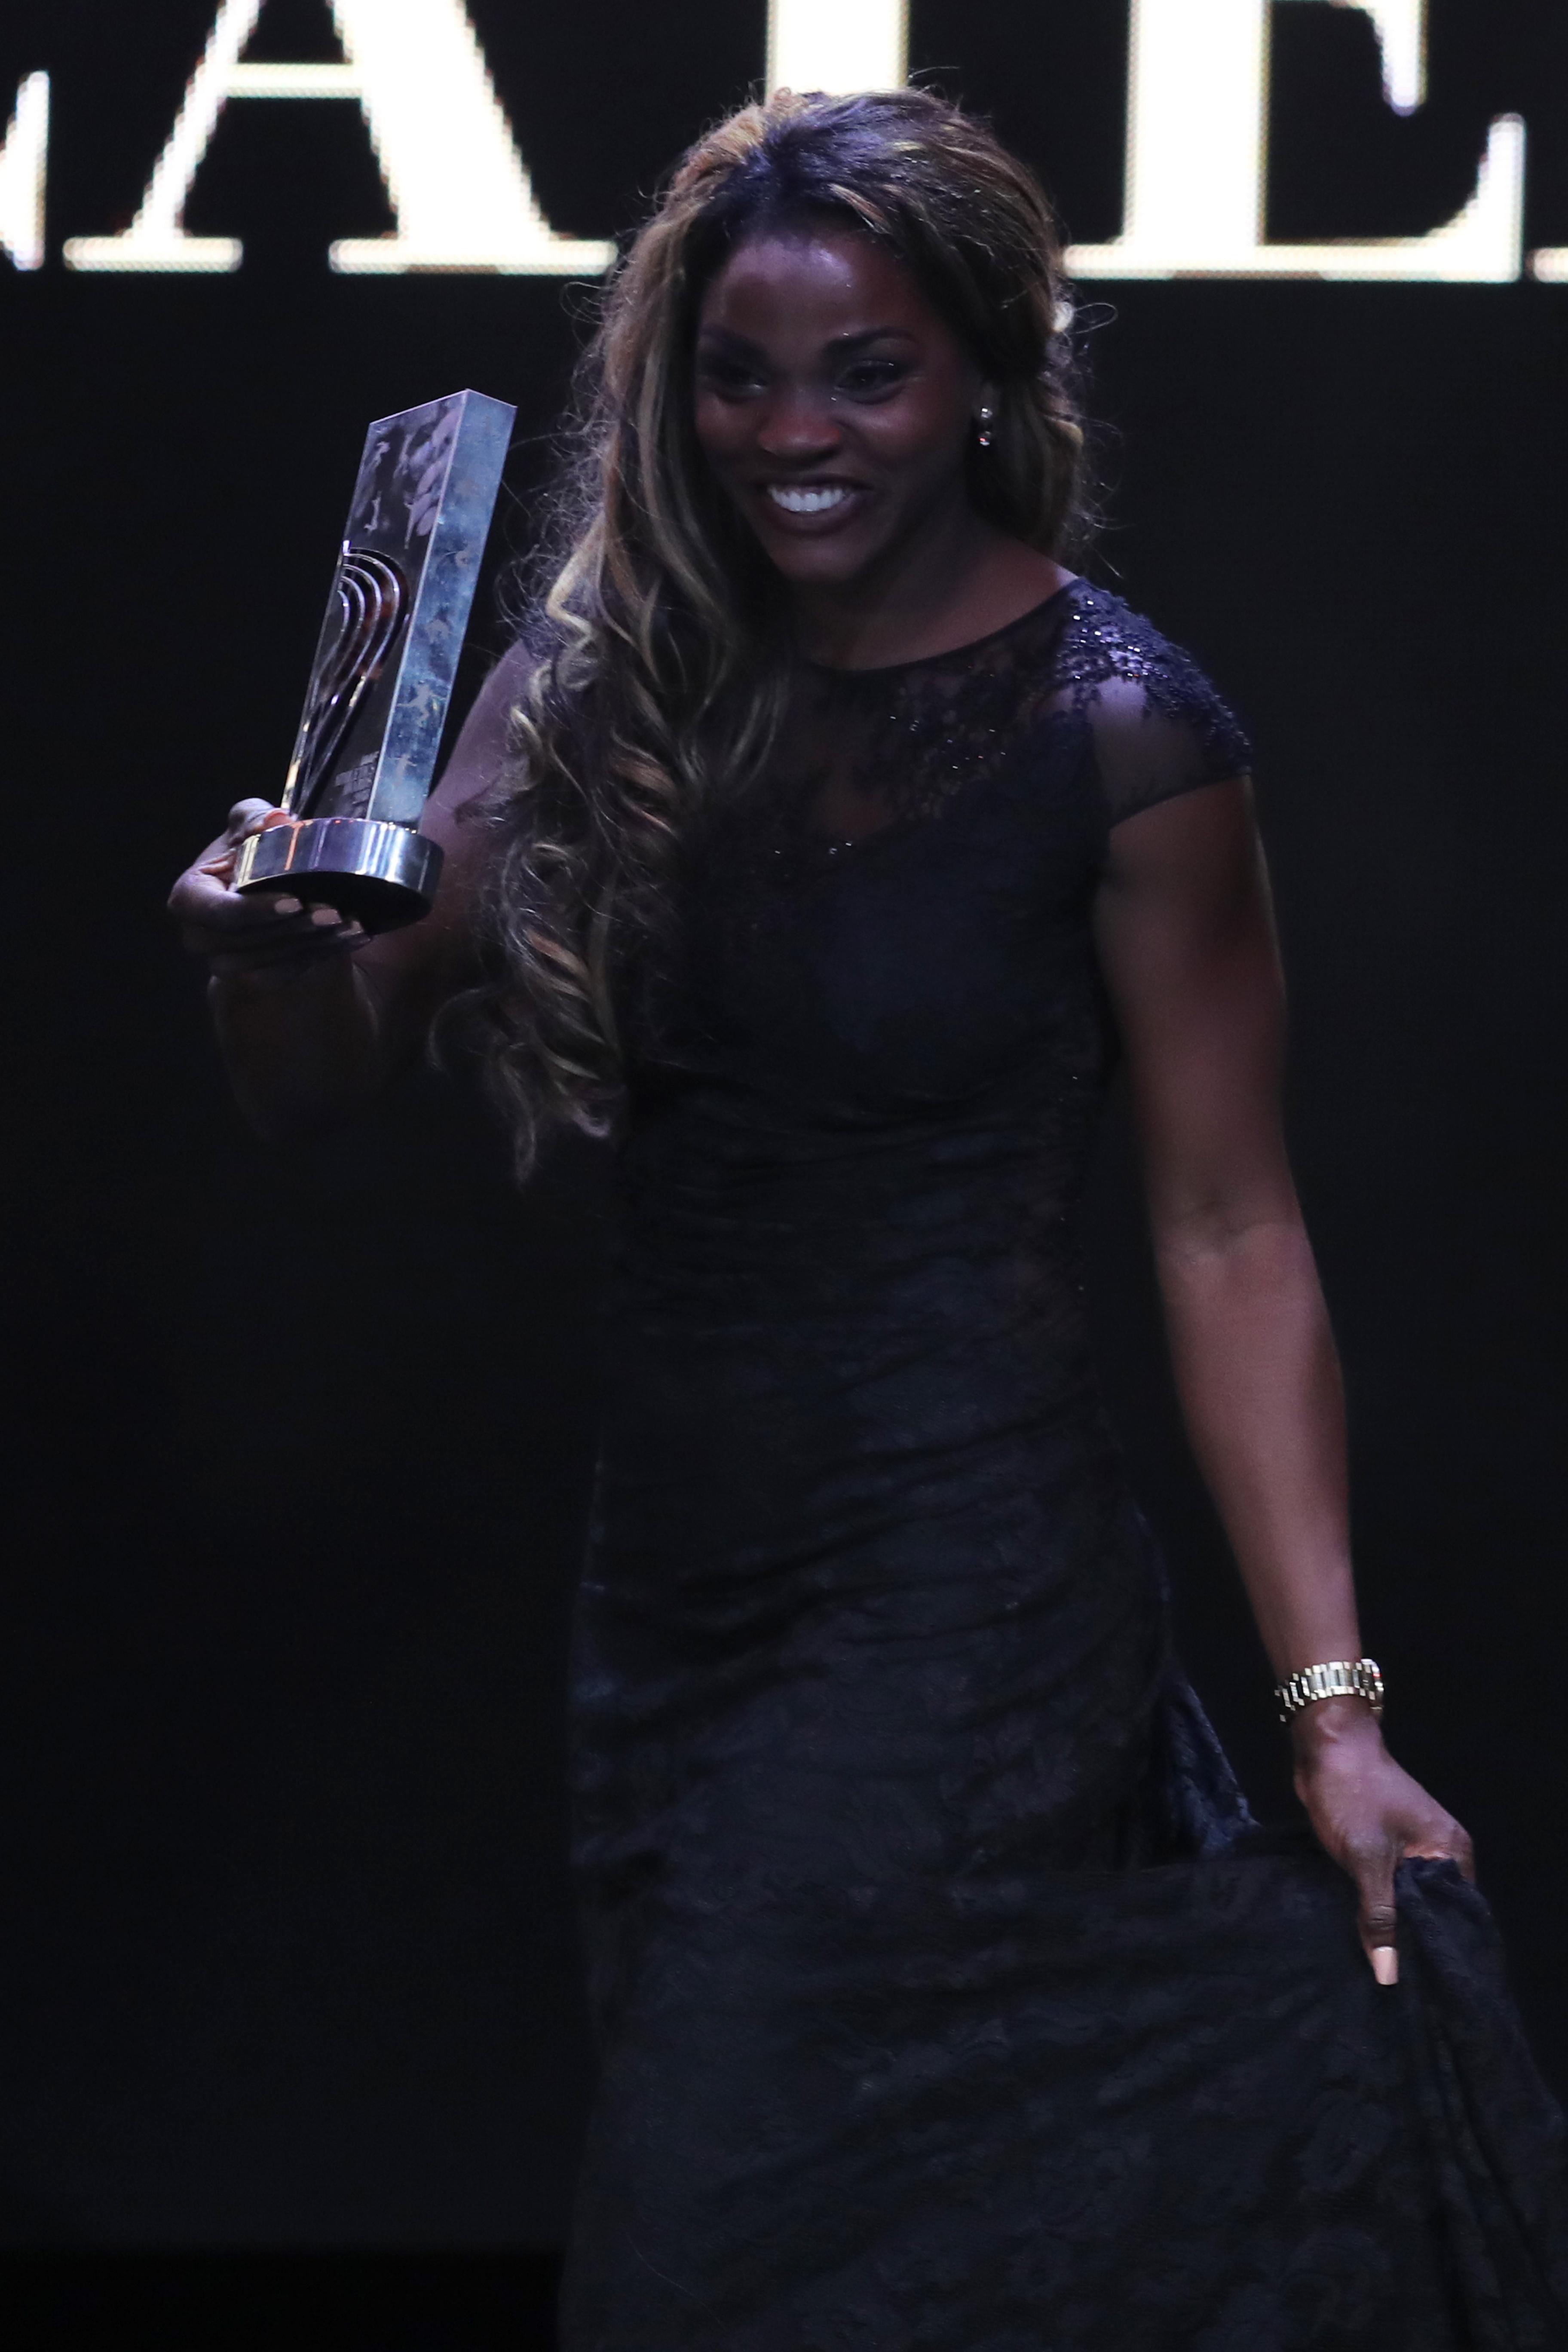 Caterine con el premio a mejor atleta del año.